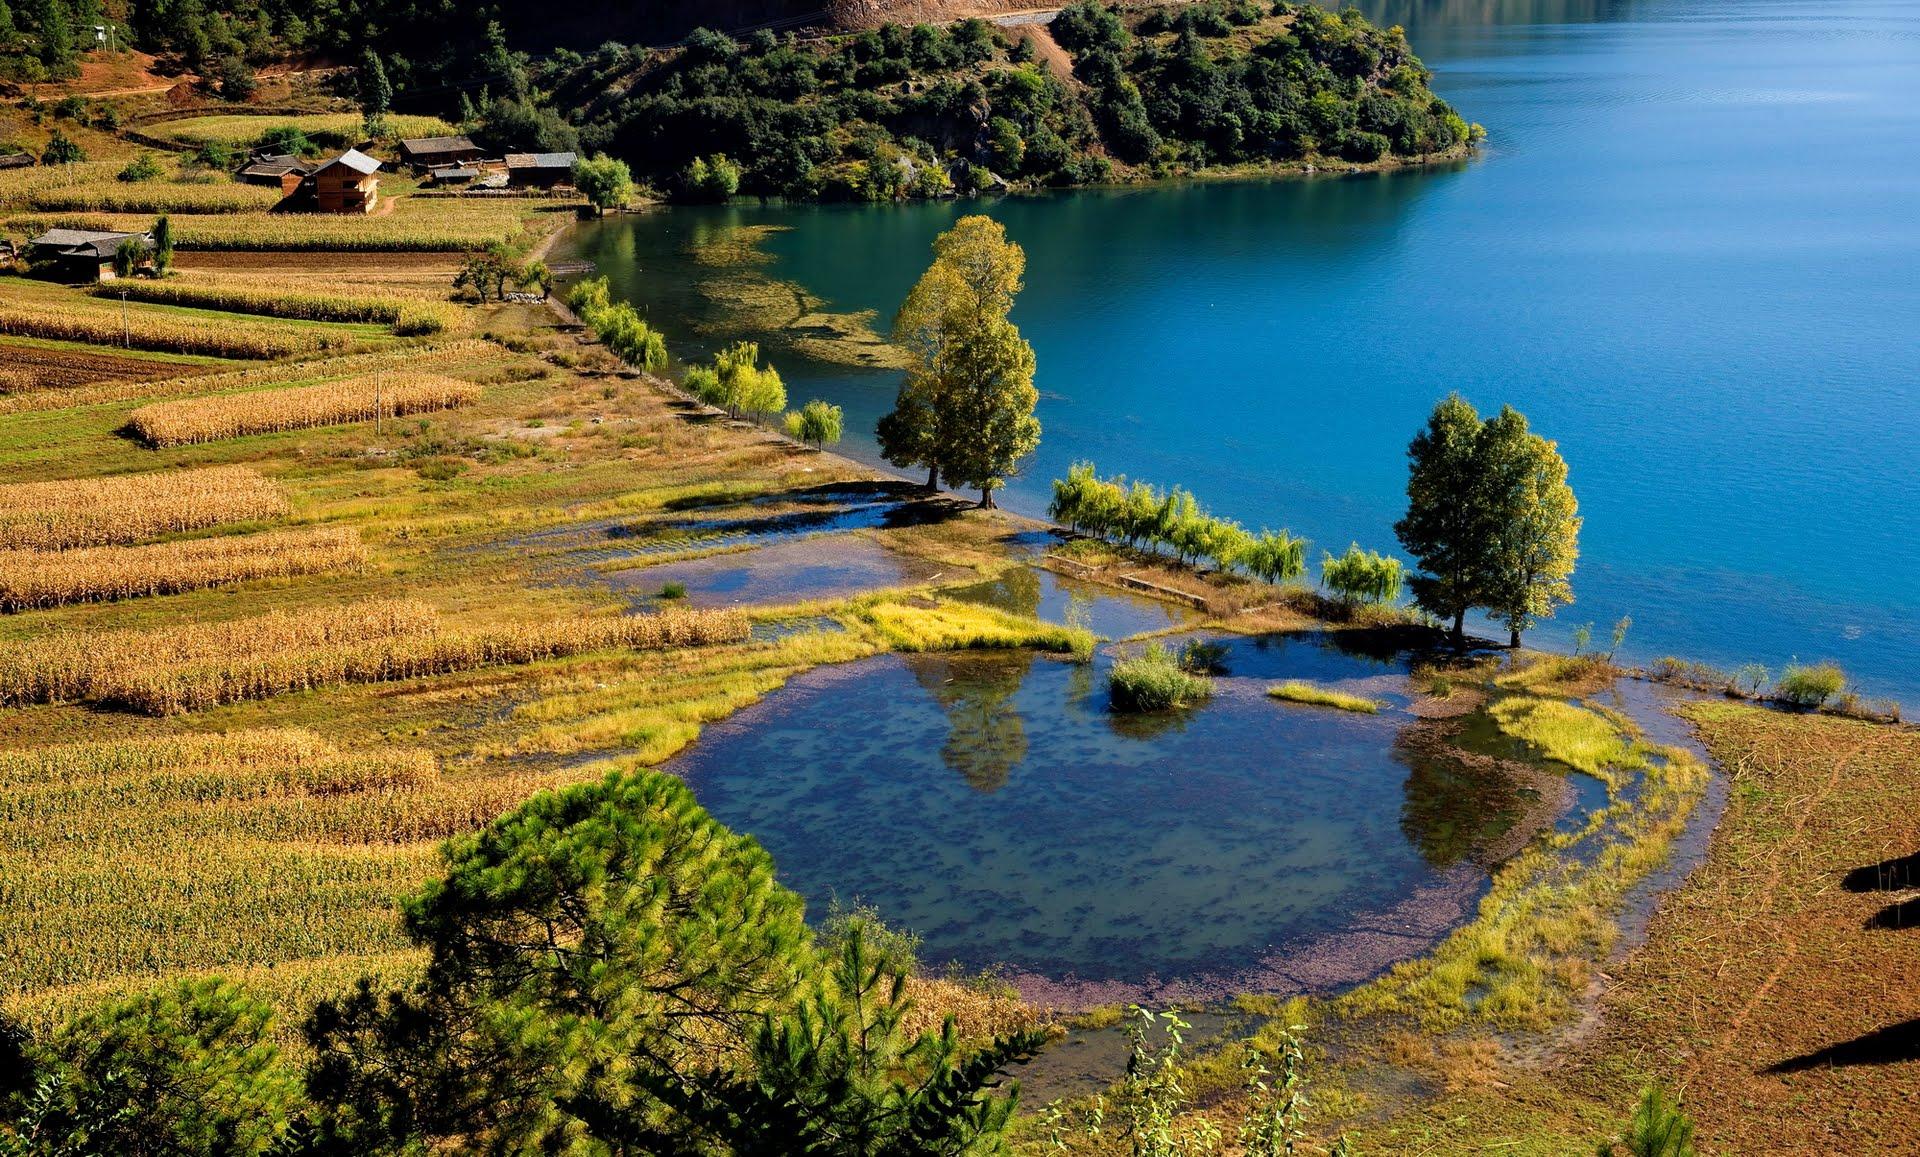 鏡頭下的美麗中國 最美風景照片分享